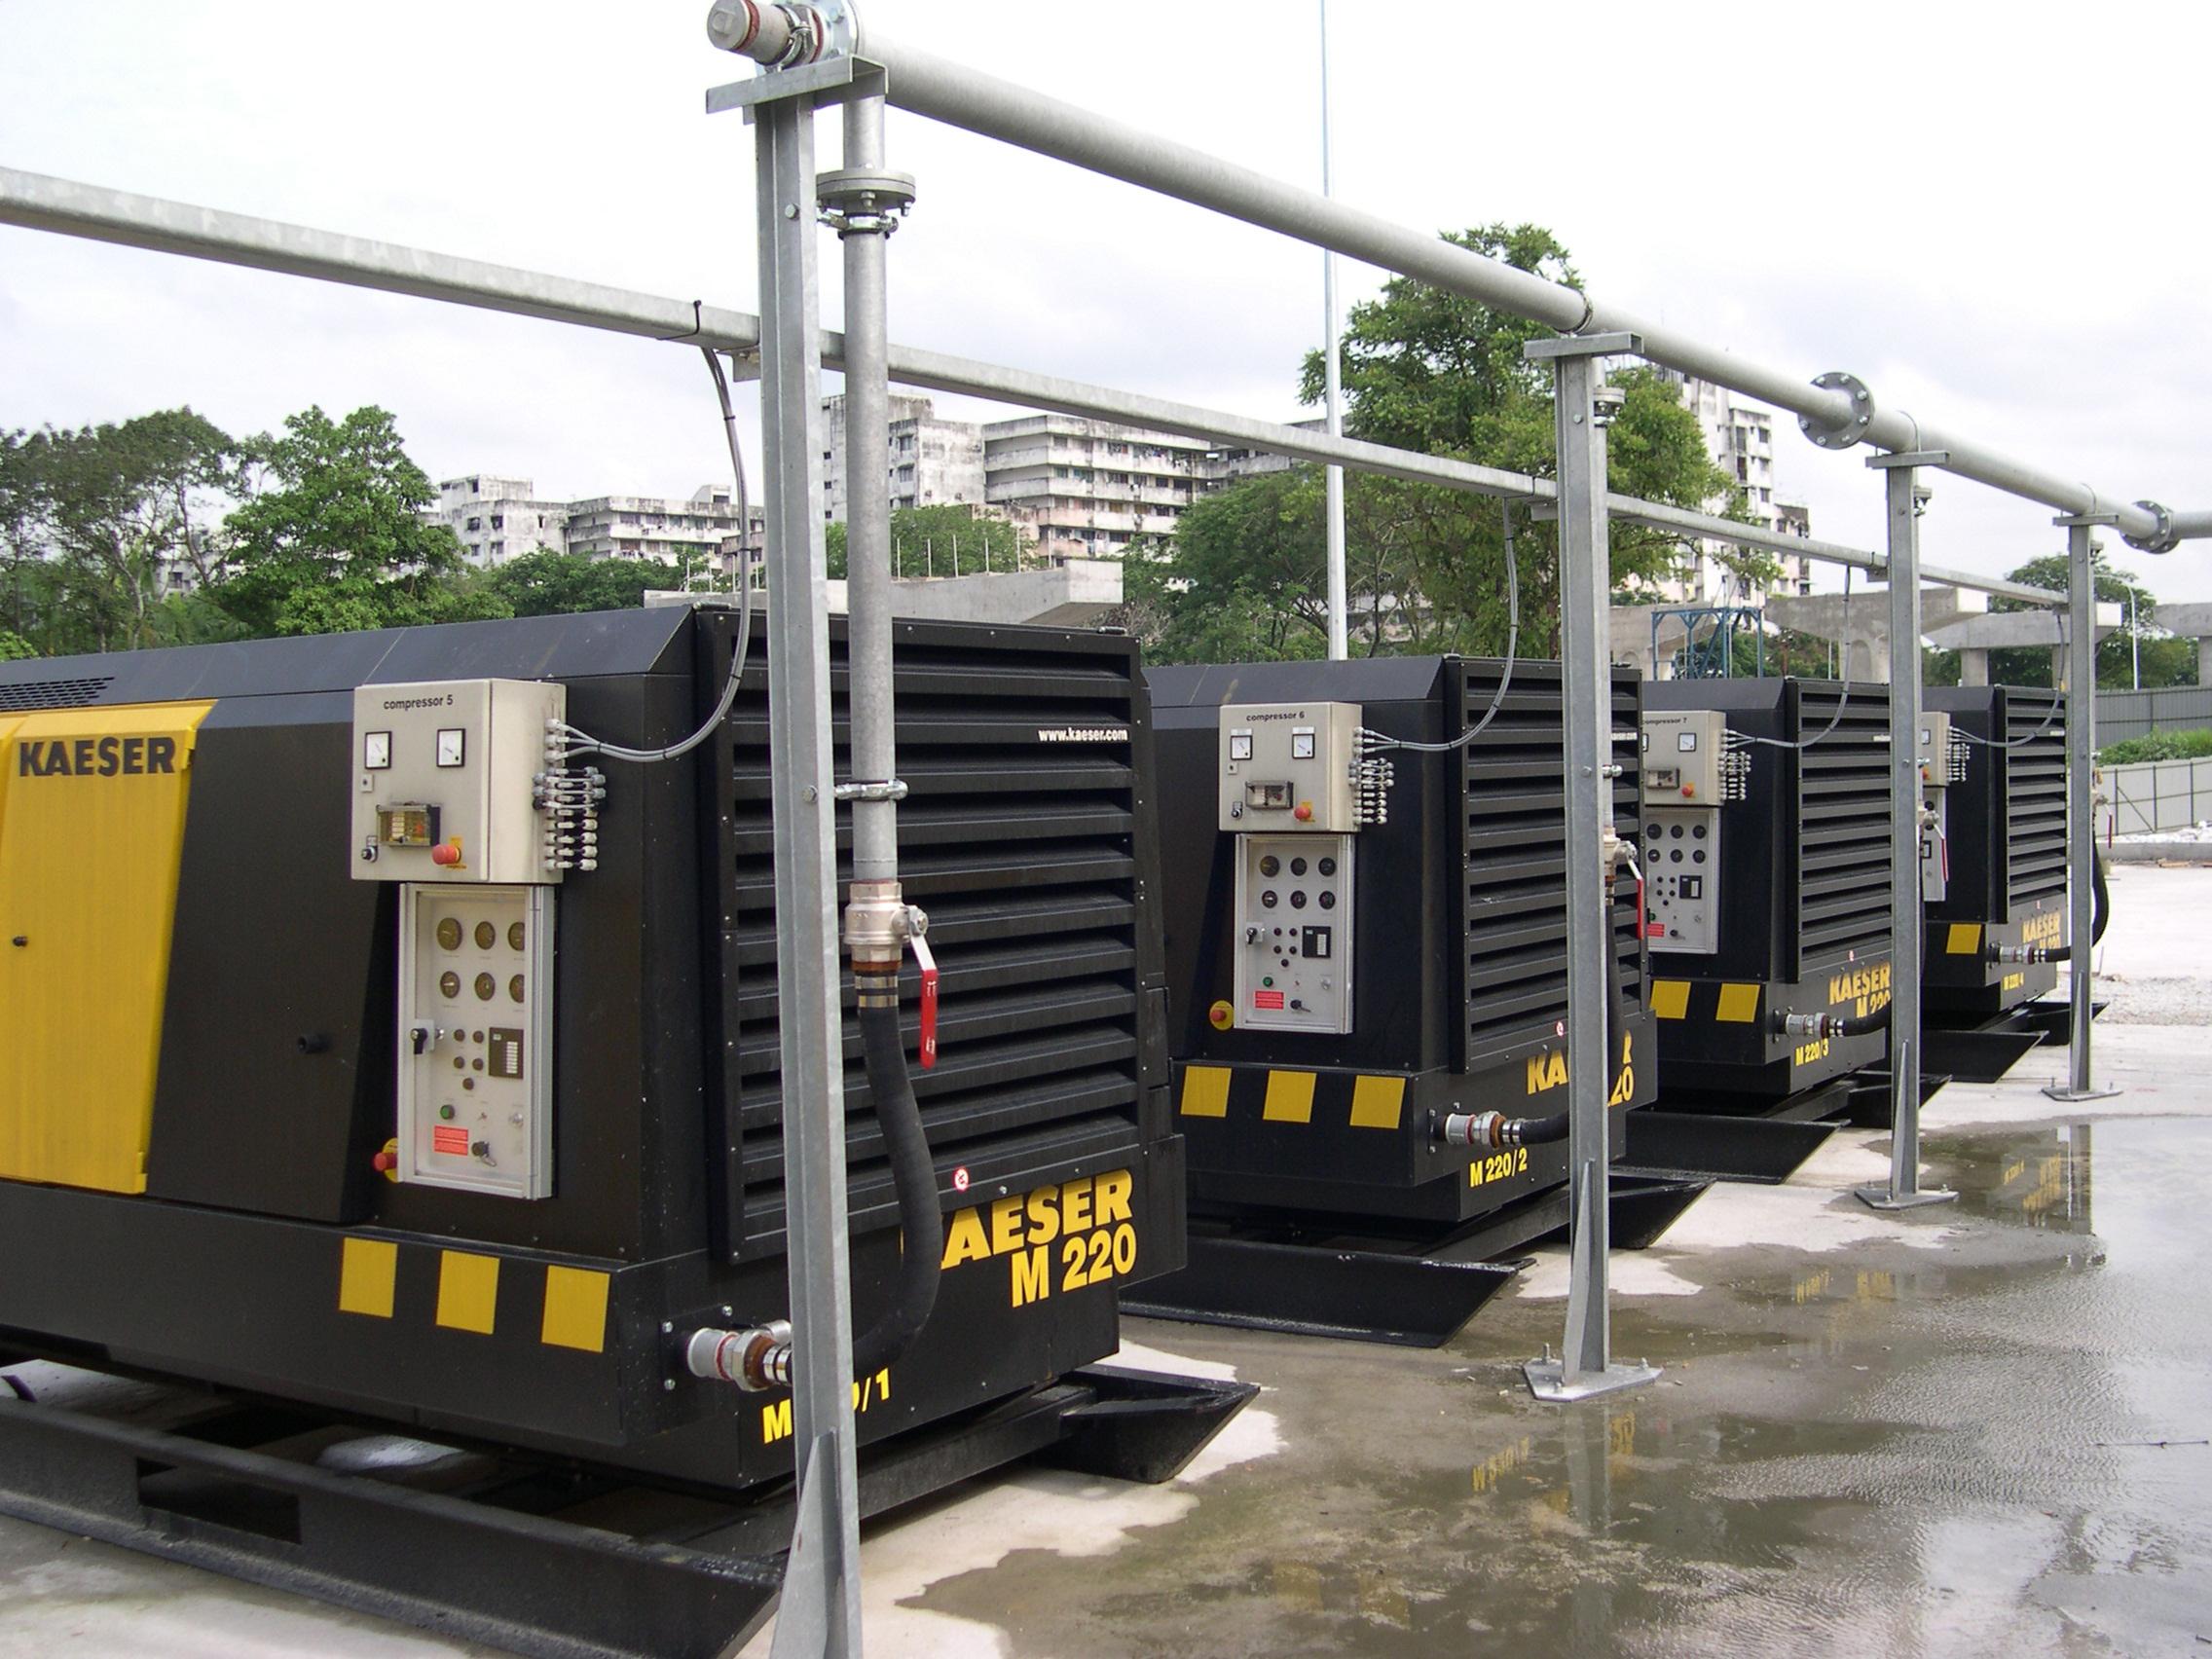 Compresores kaeser bbc y el tri ngulo de las bermudas - Compresores aire comprimido ...